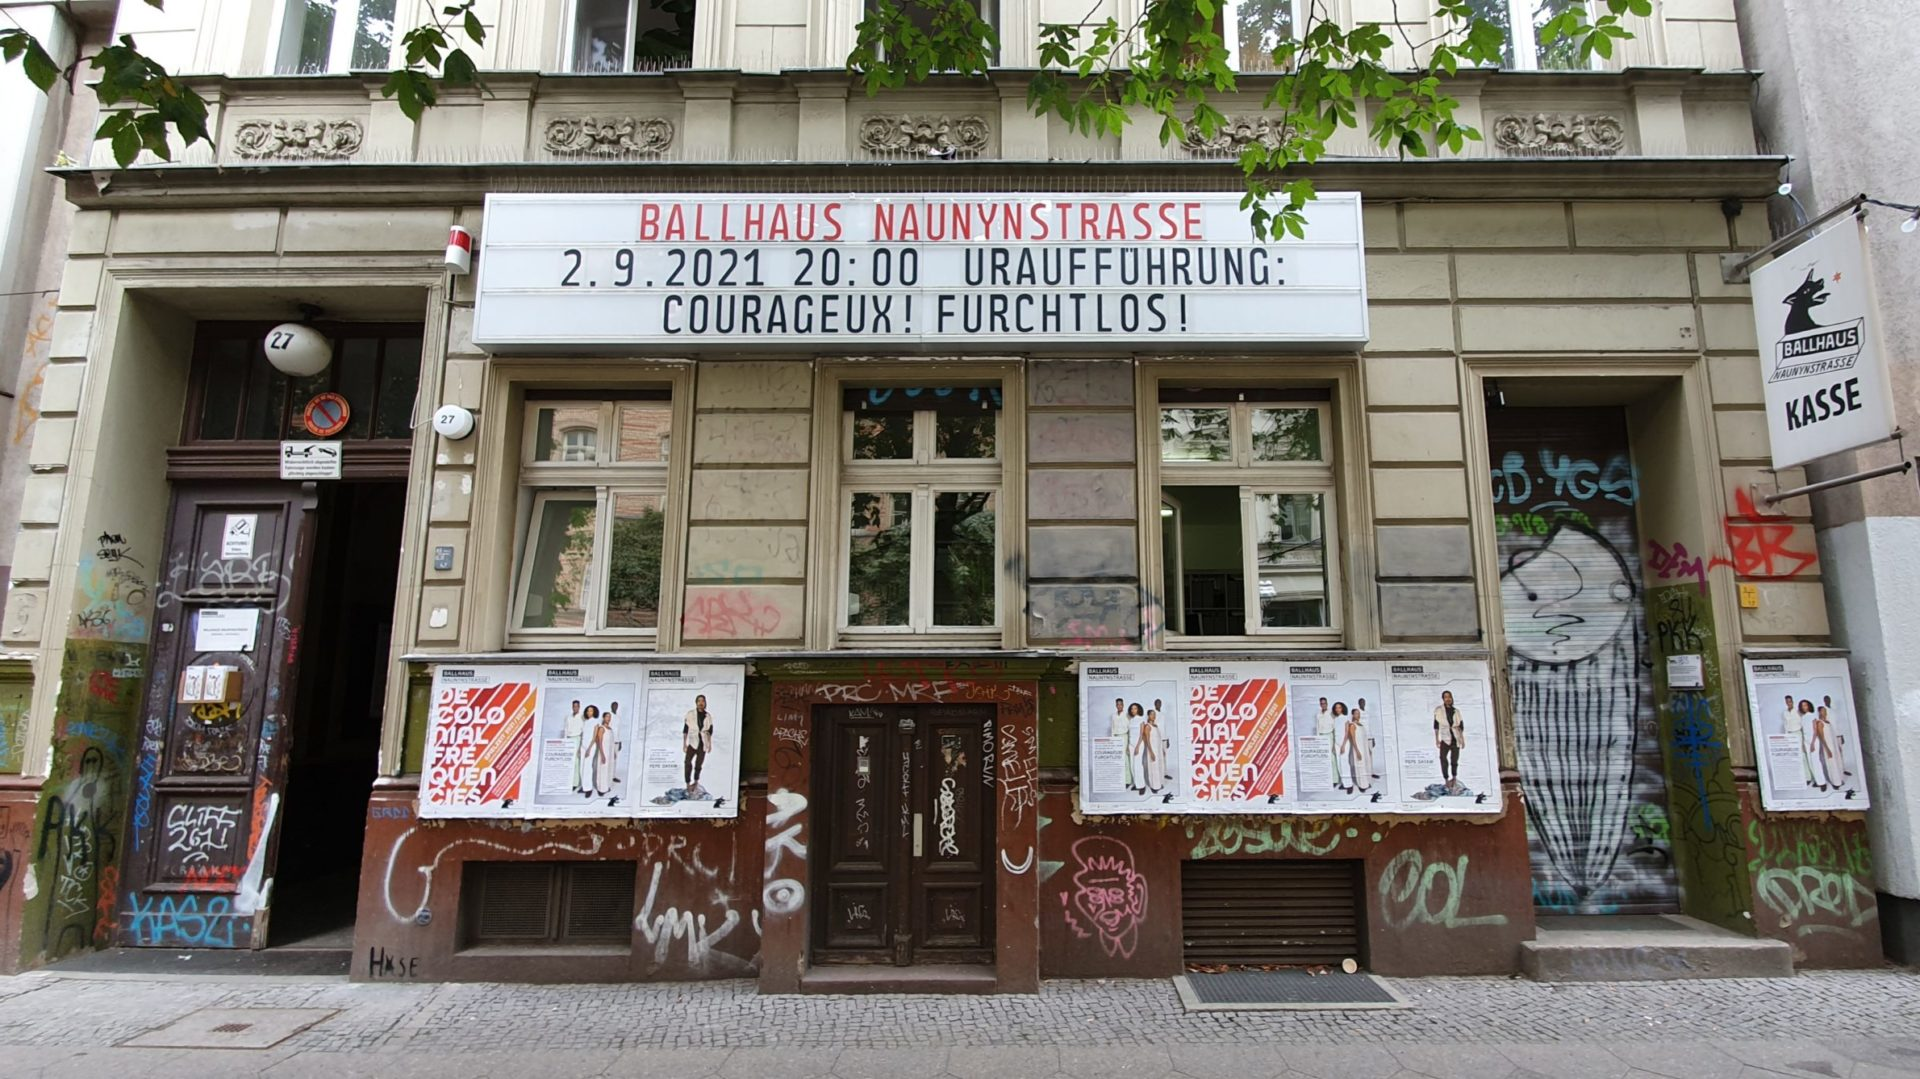 https://ballhausnaunynstrasse.de/wp-content/uploads/2021/06/Fassade-Sept-2021-scaled-e1629375210996.jpg